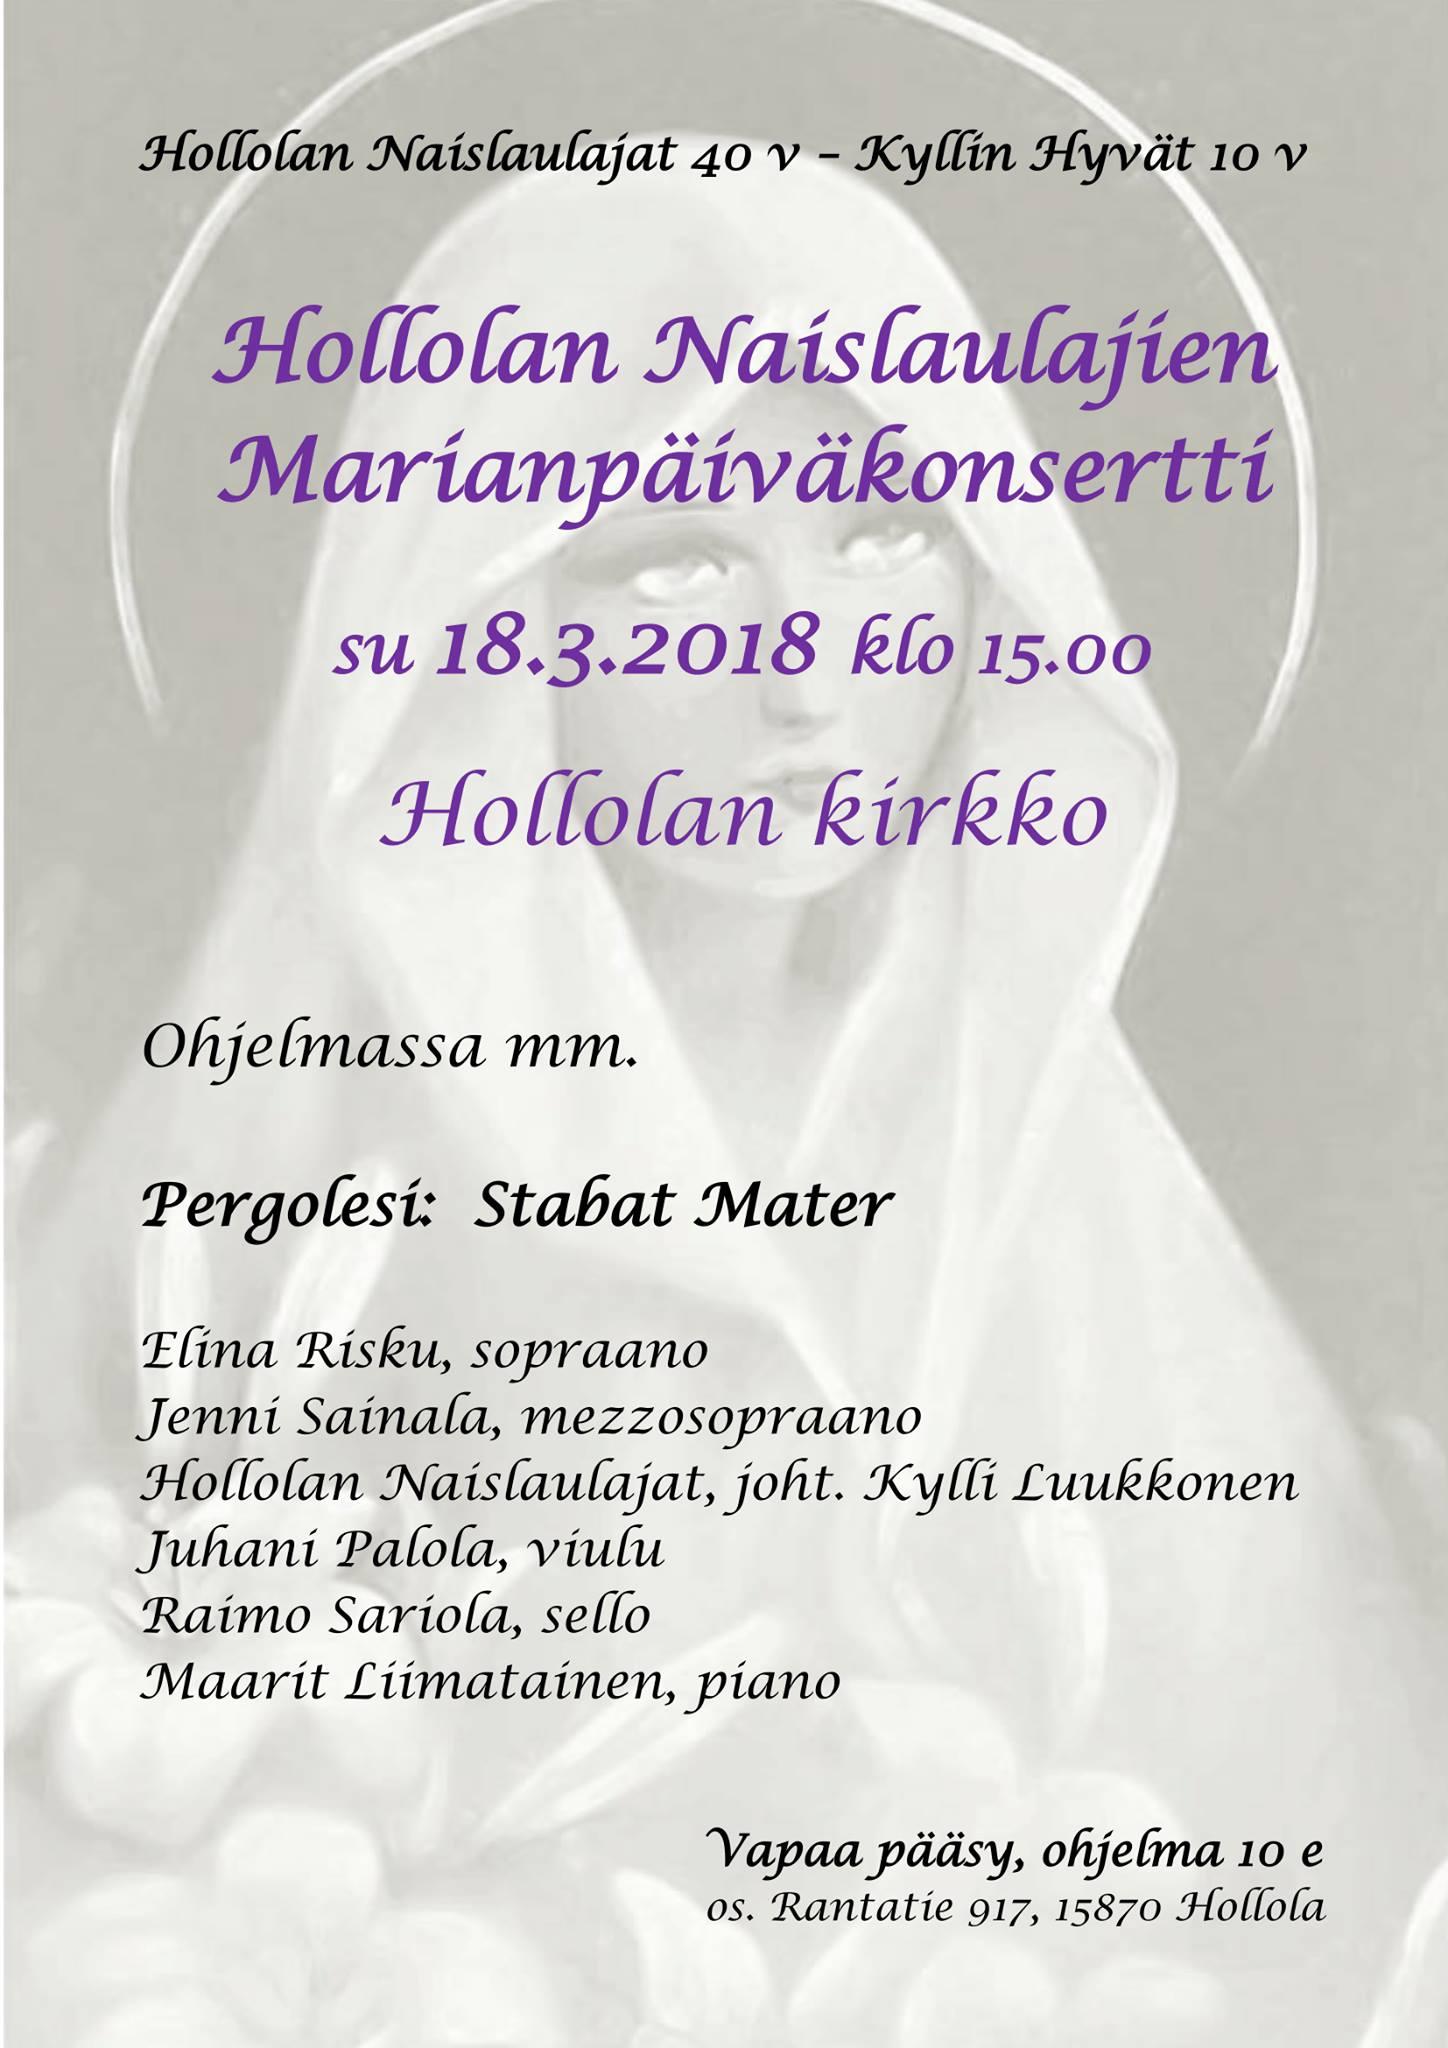 Marianpäiväkonsertti 180318